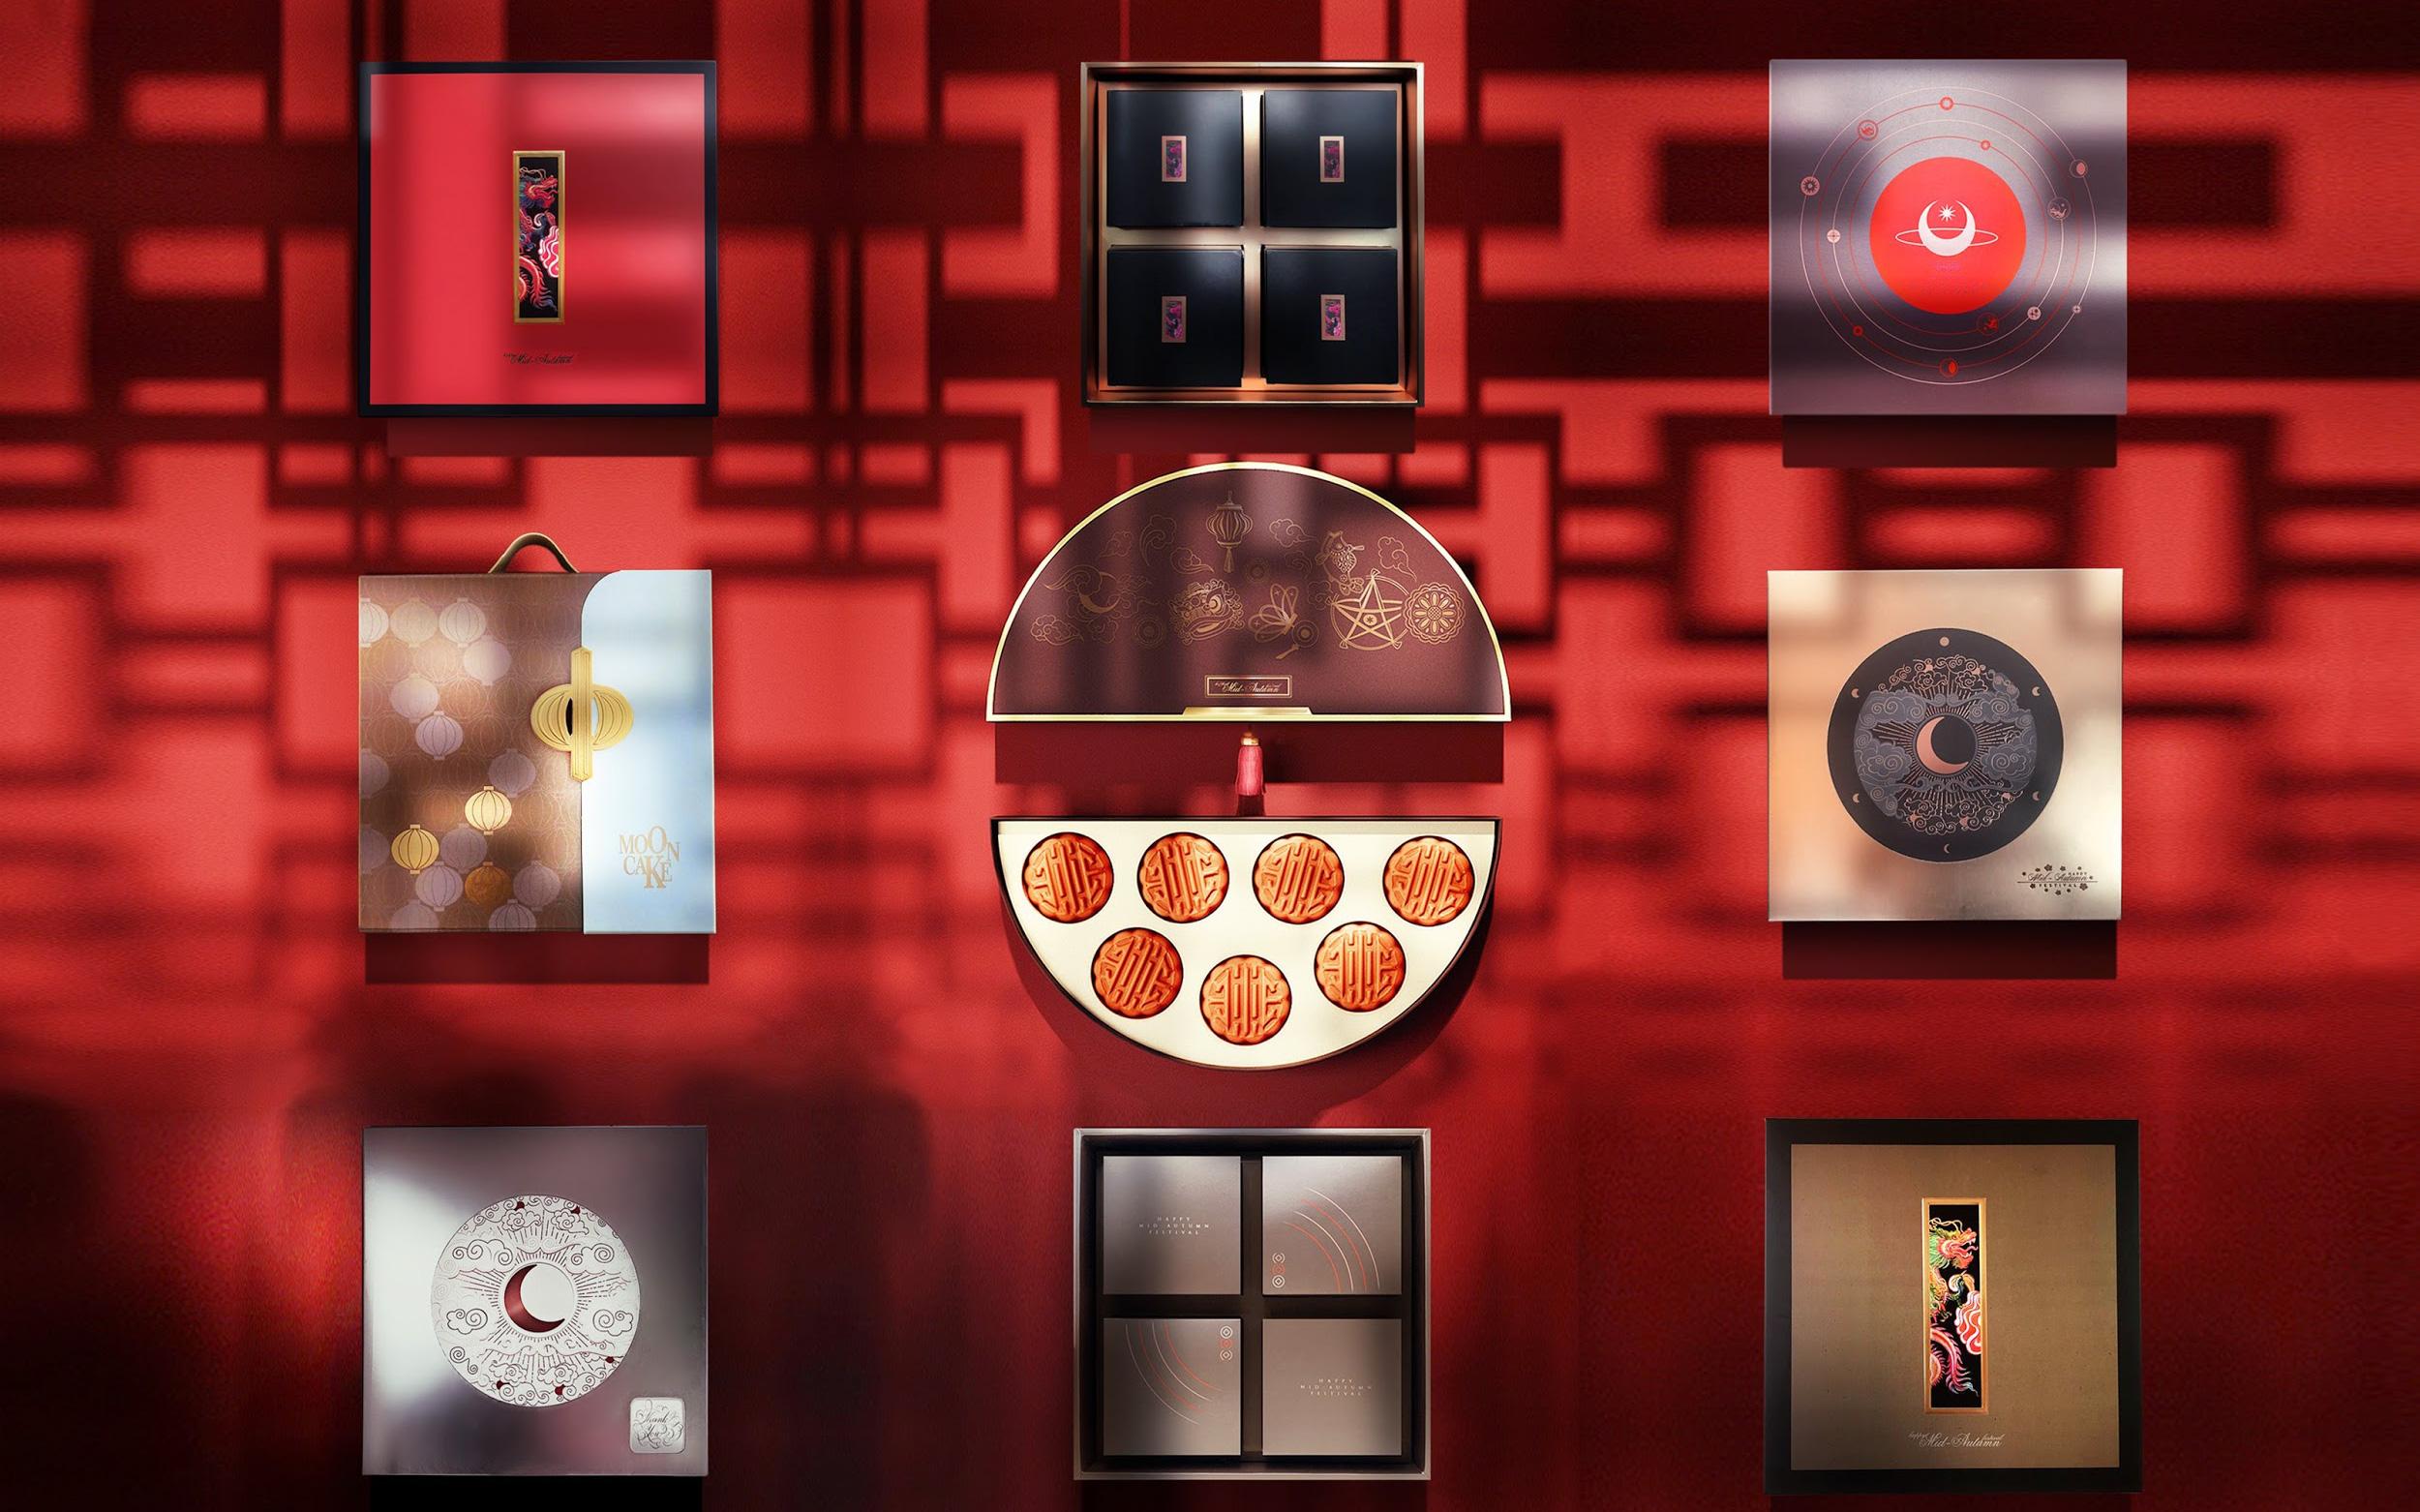 """Cảm hứng phương Đông trong thiết kế hộp bánh Trung Thu 2020: """"Fusion"""" truyền thống, hiện đại"""